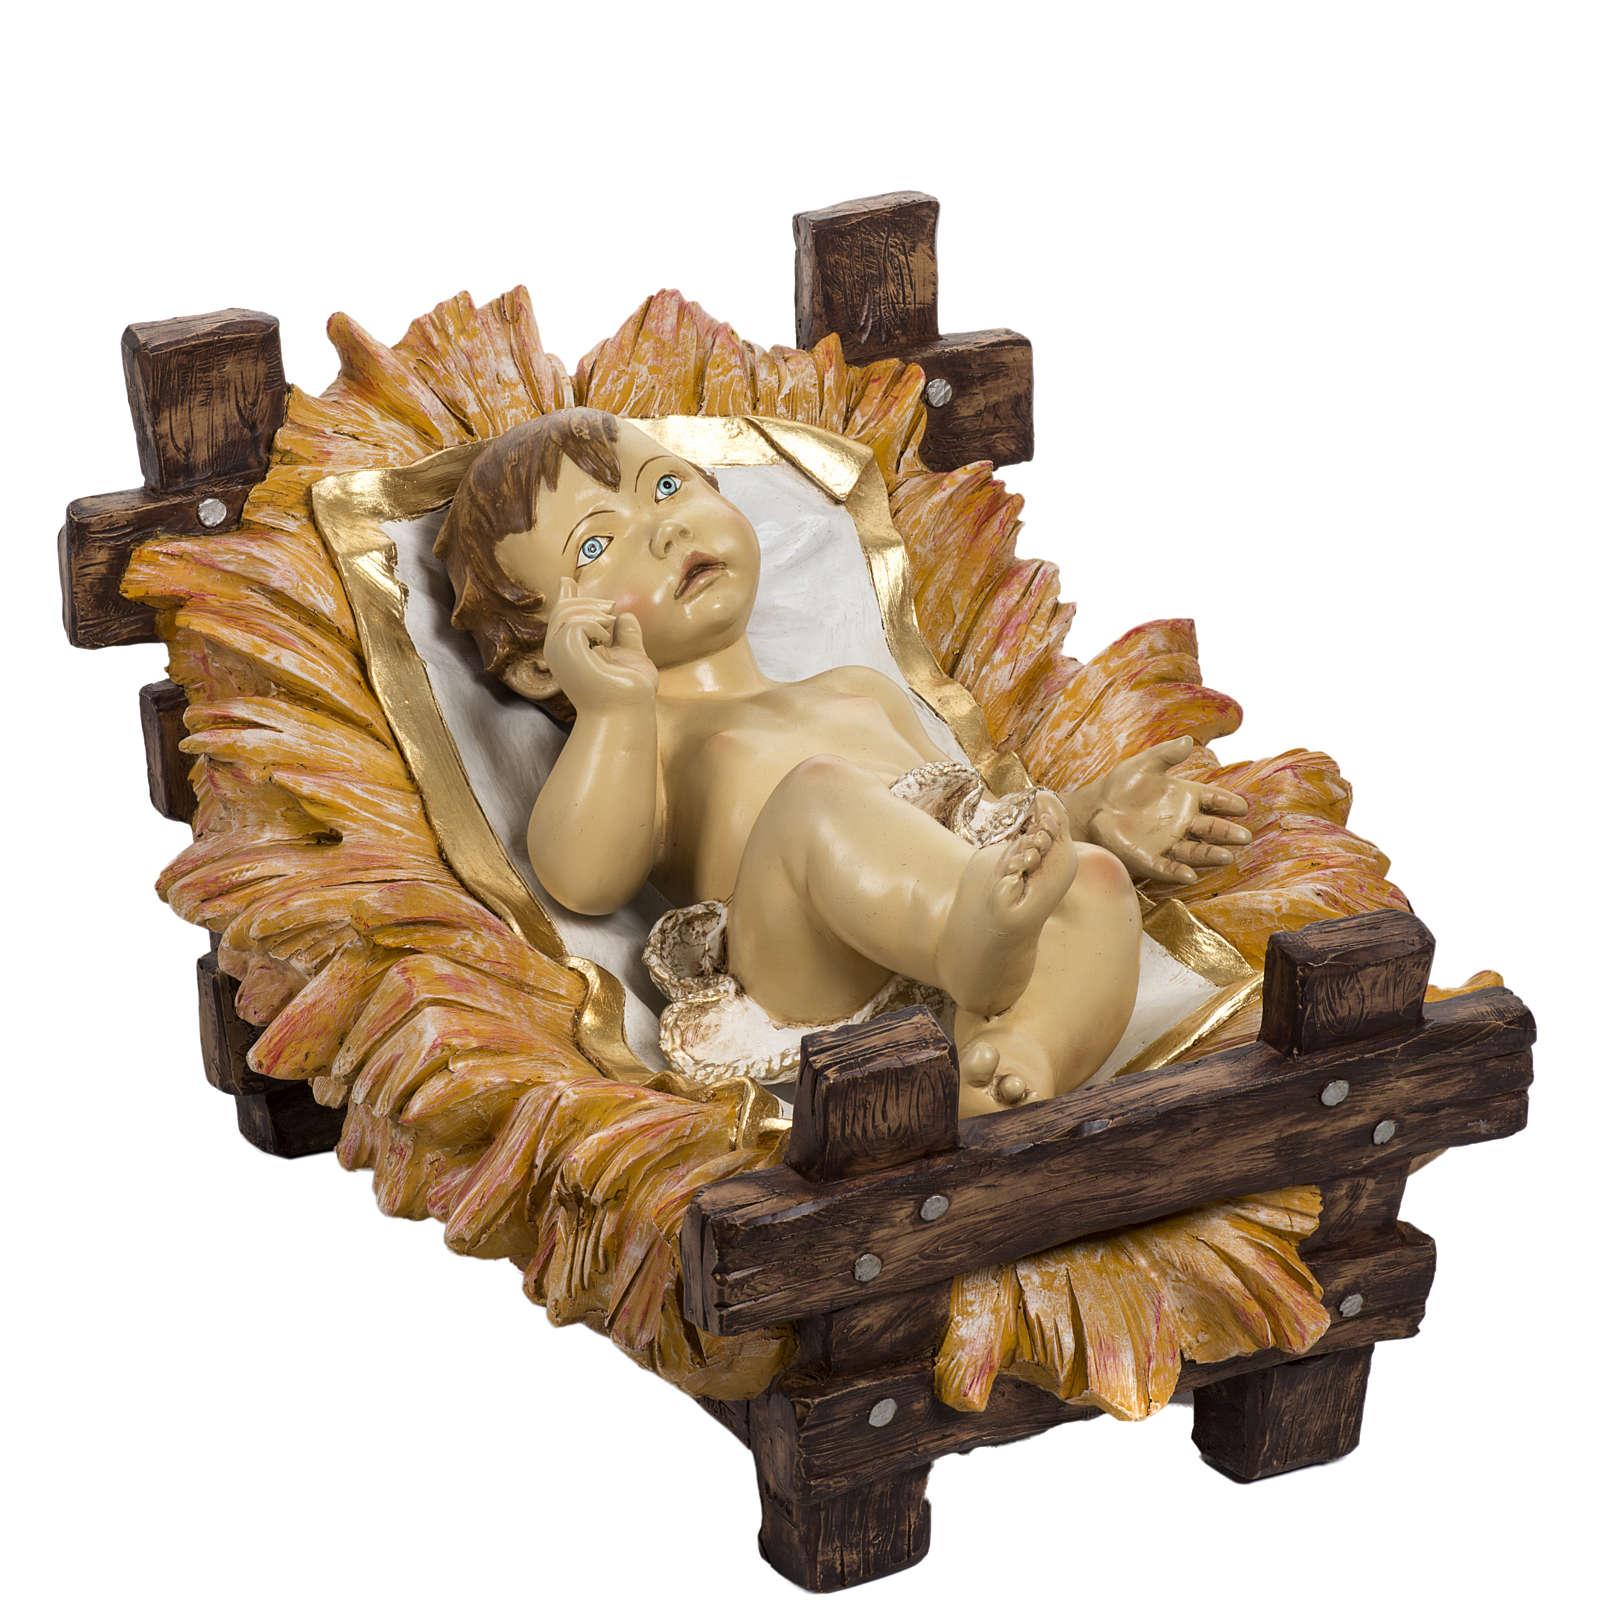 Enfant Jésus et crèche 180 cm résine Fontan 3